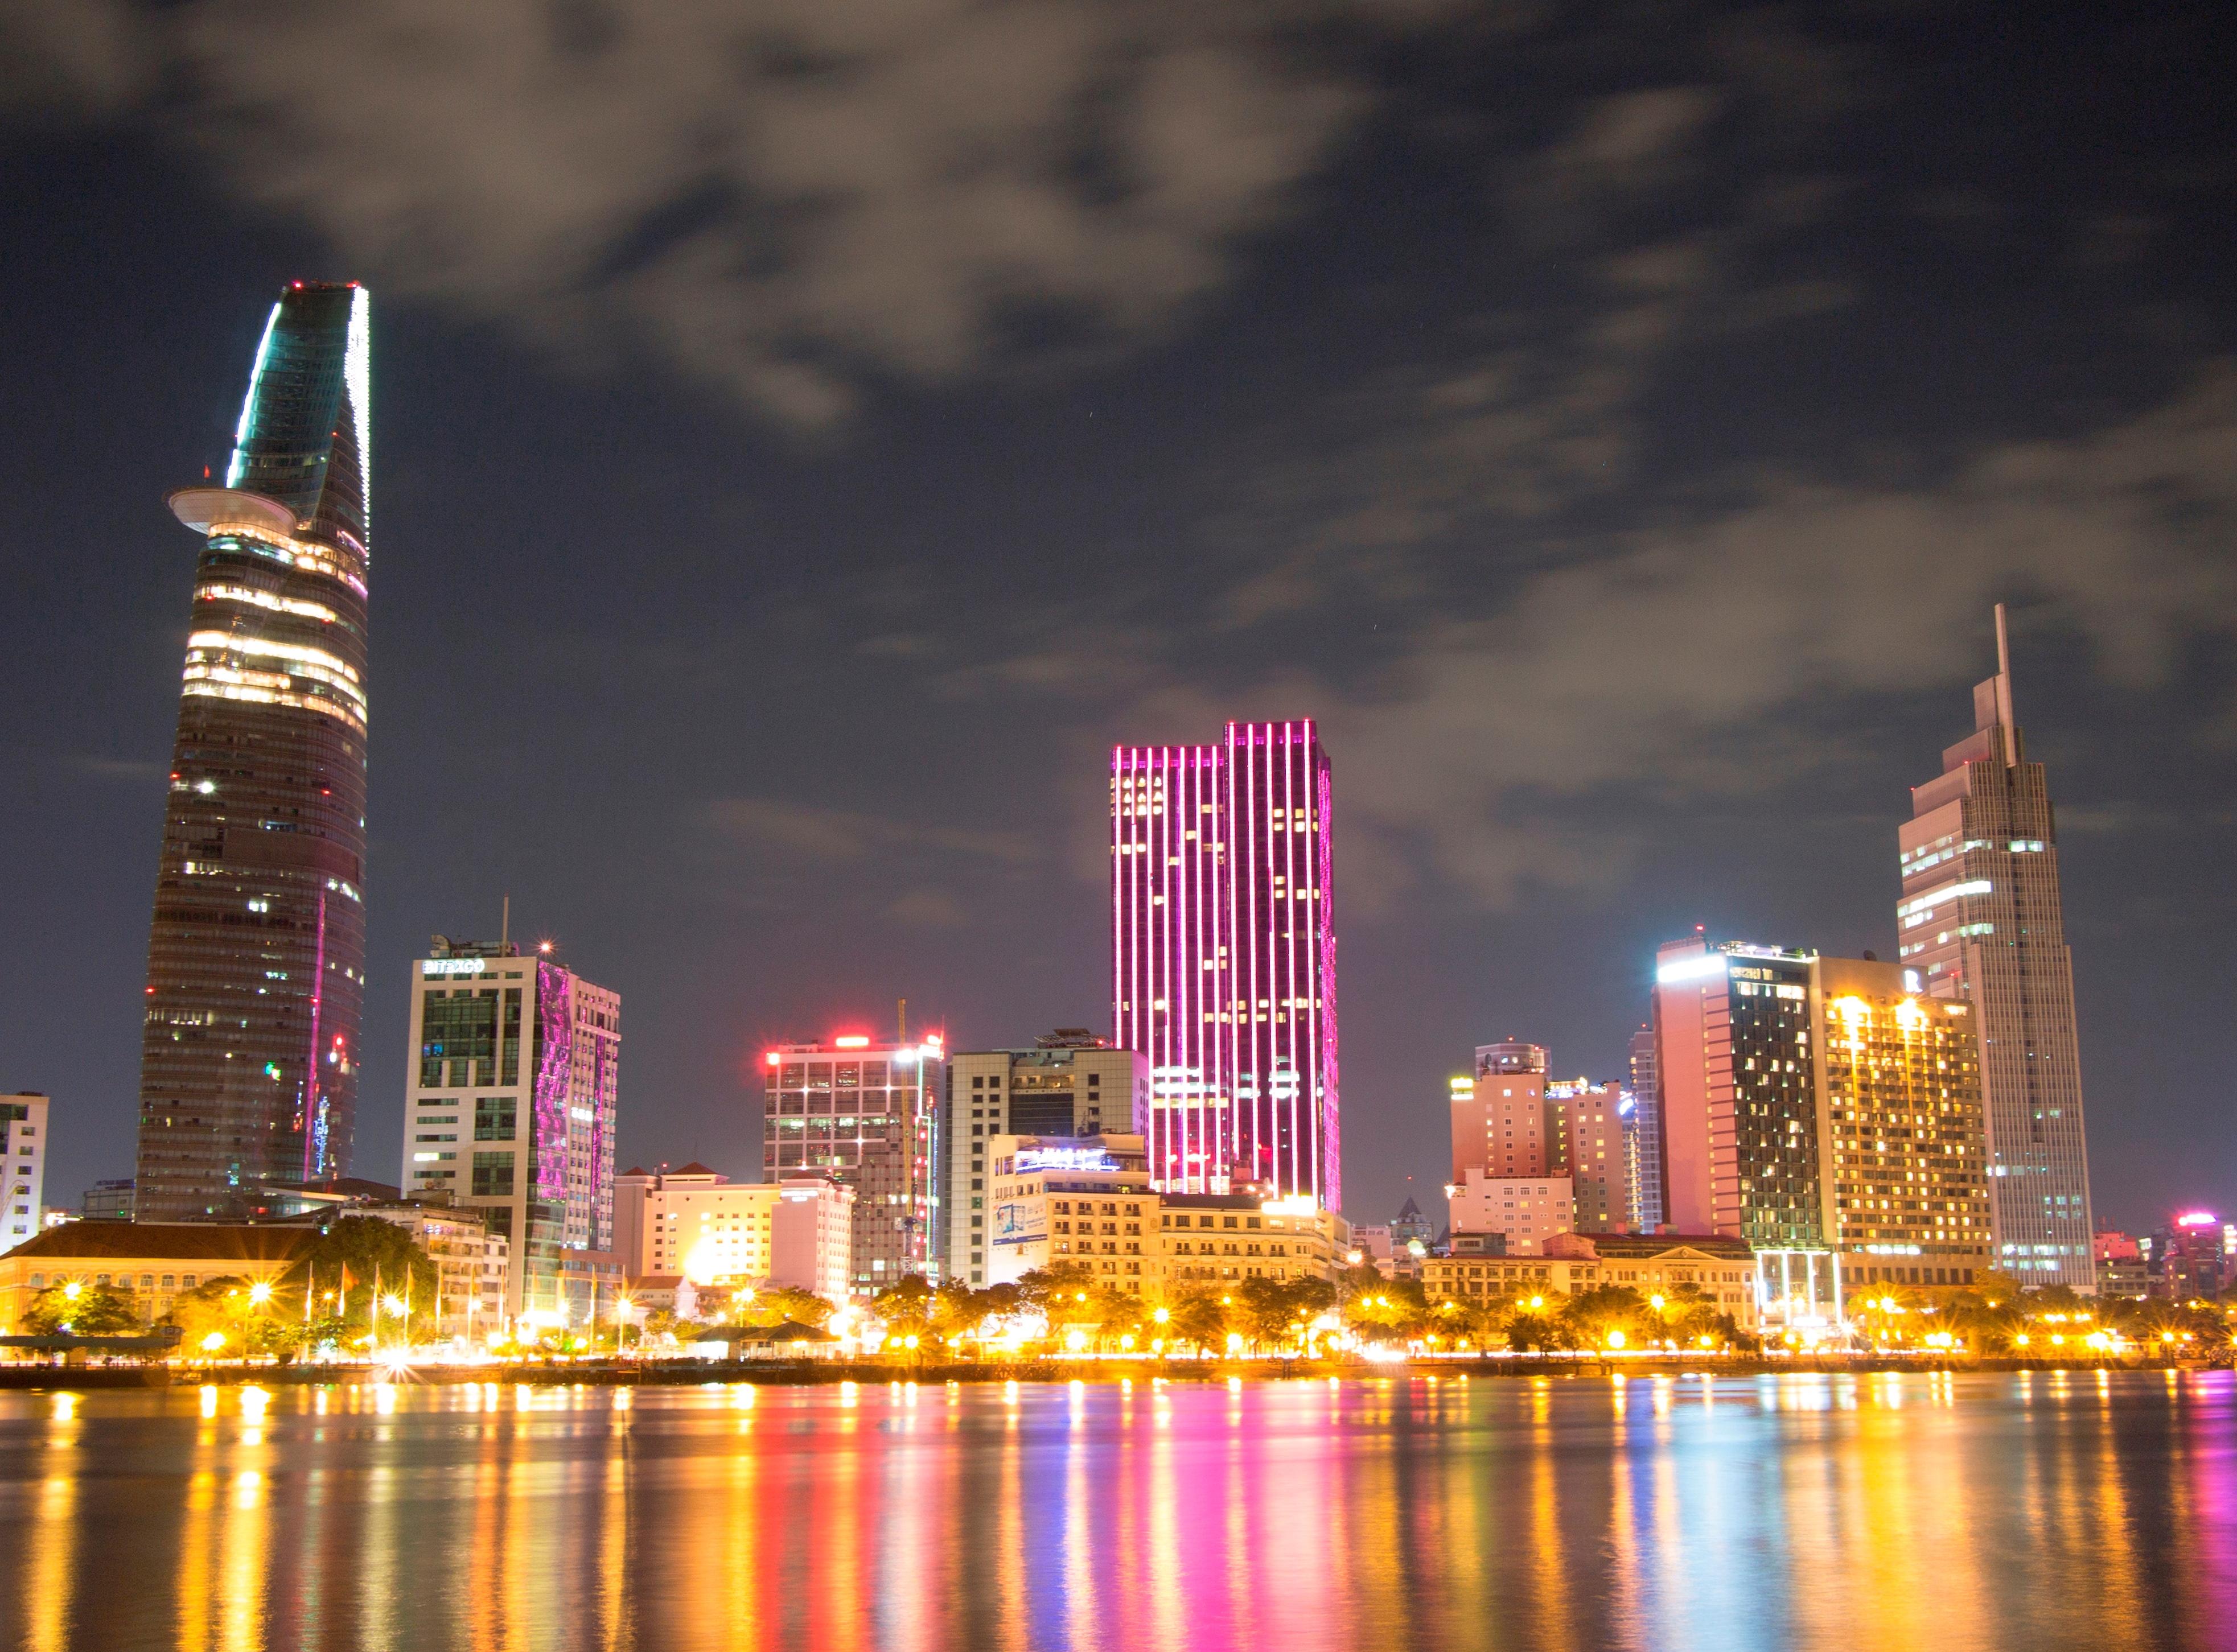 Depiction of Ciudad Ho Chi Minh